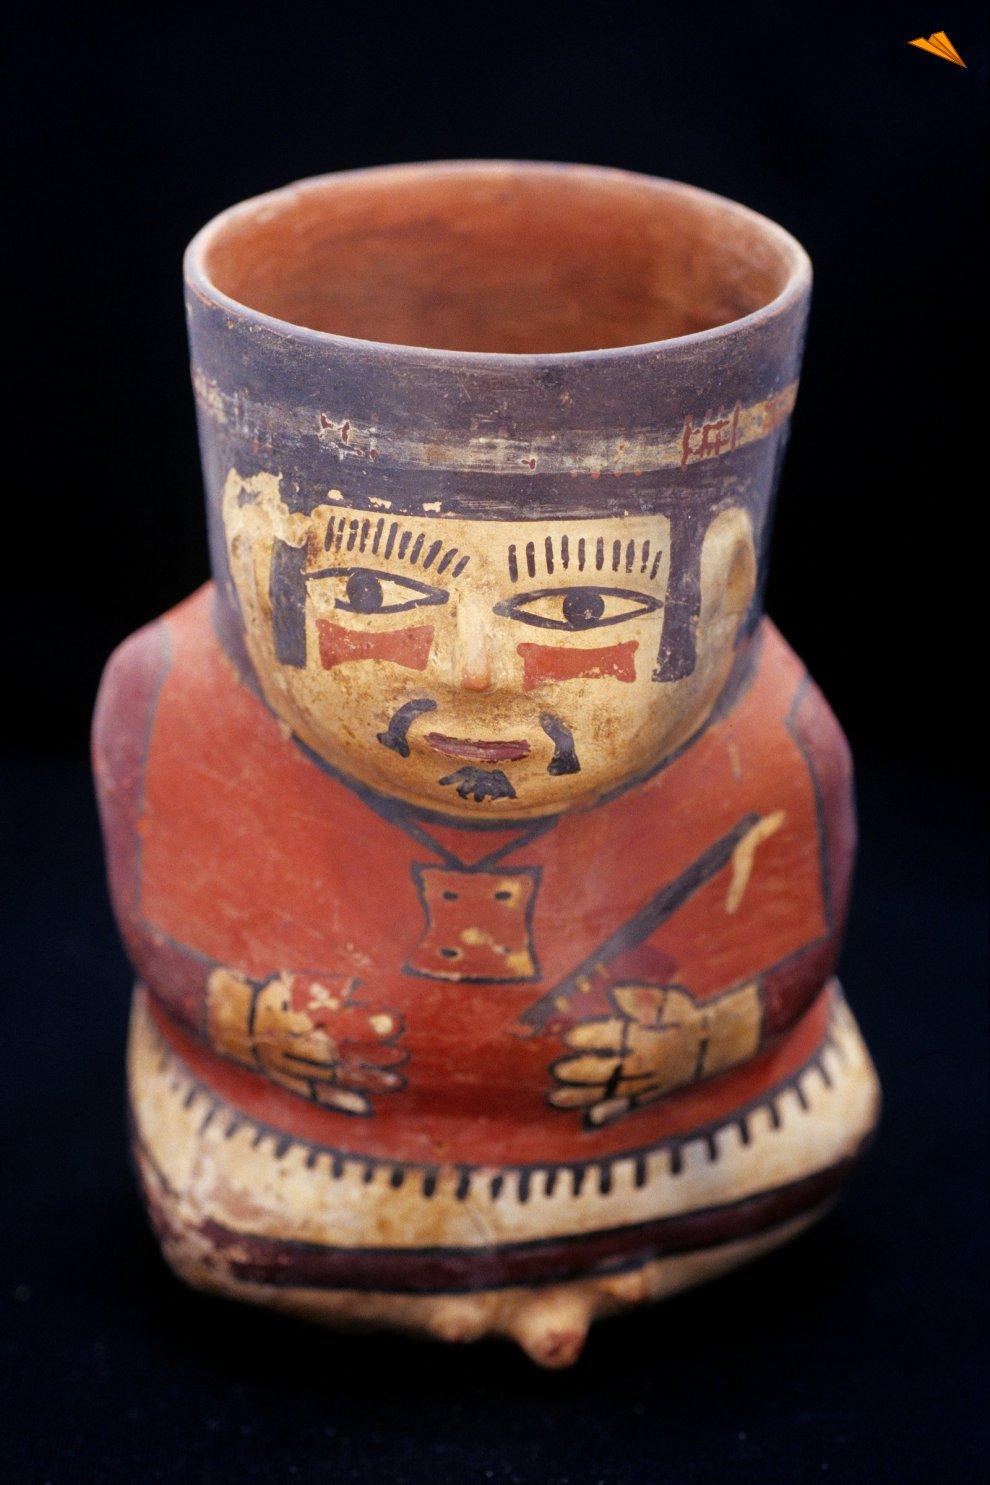 Cer mica de la cultura nazca per fotos de viajes - Fotos de ceramica ...